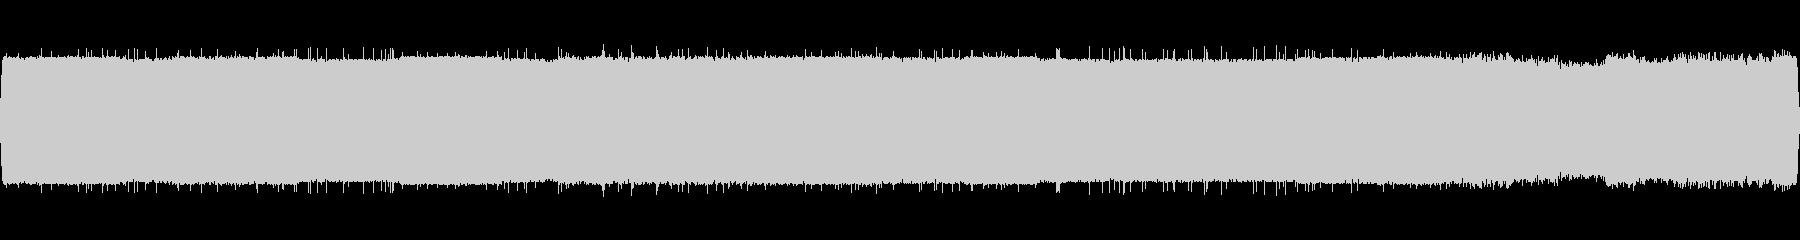 シンセが静的バズを生成しました。静...の未再生の波形